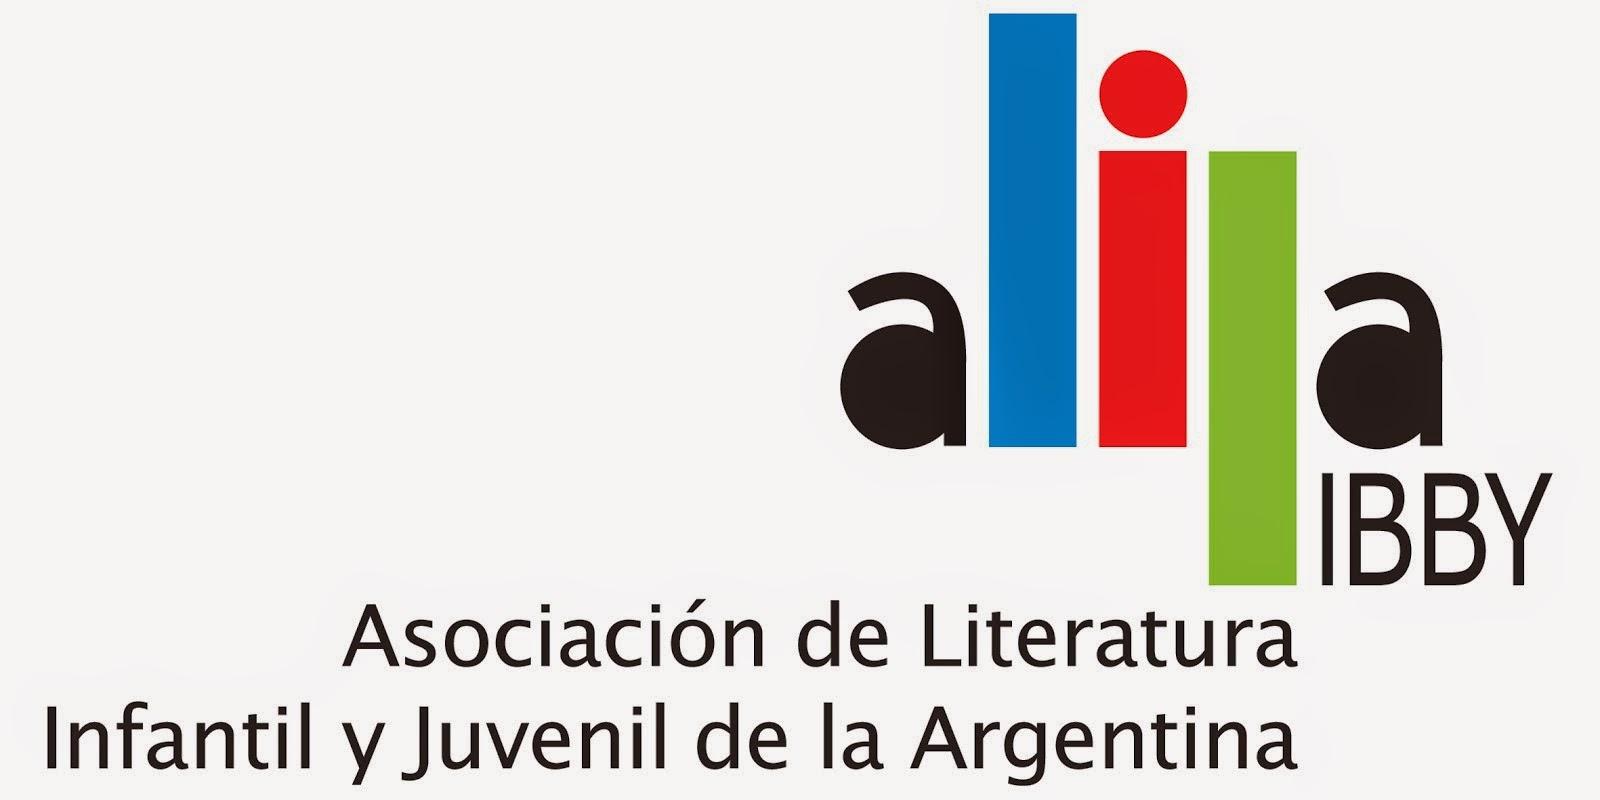 Asociación de Literatura Infantil y Juvenil Argentina